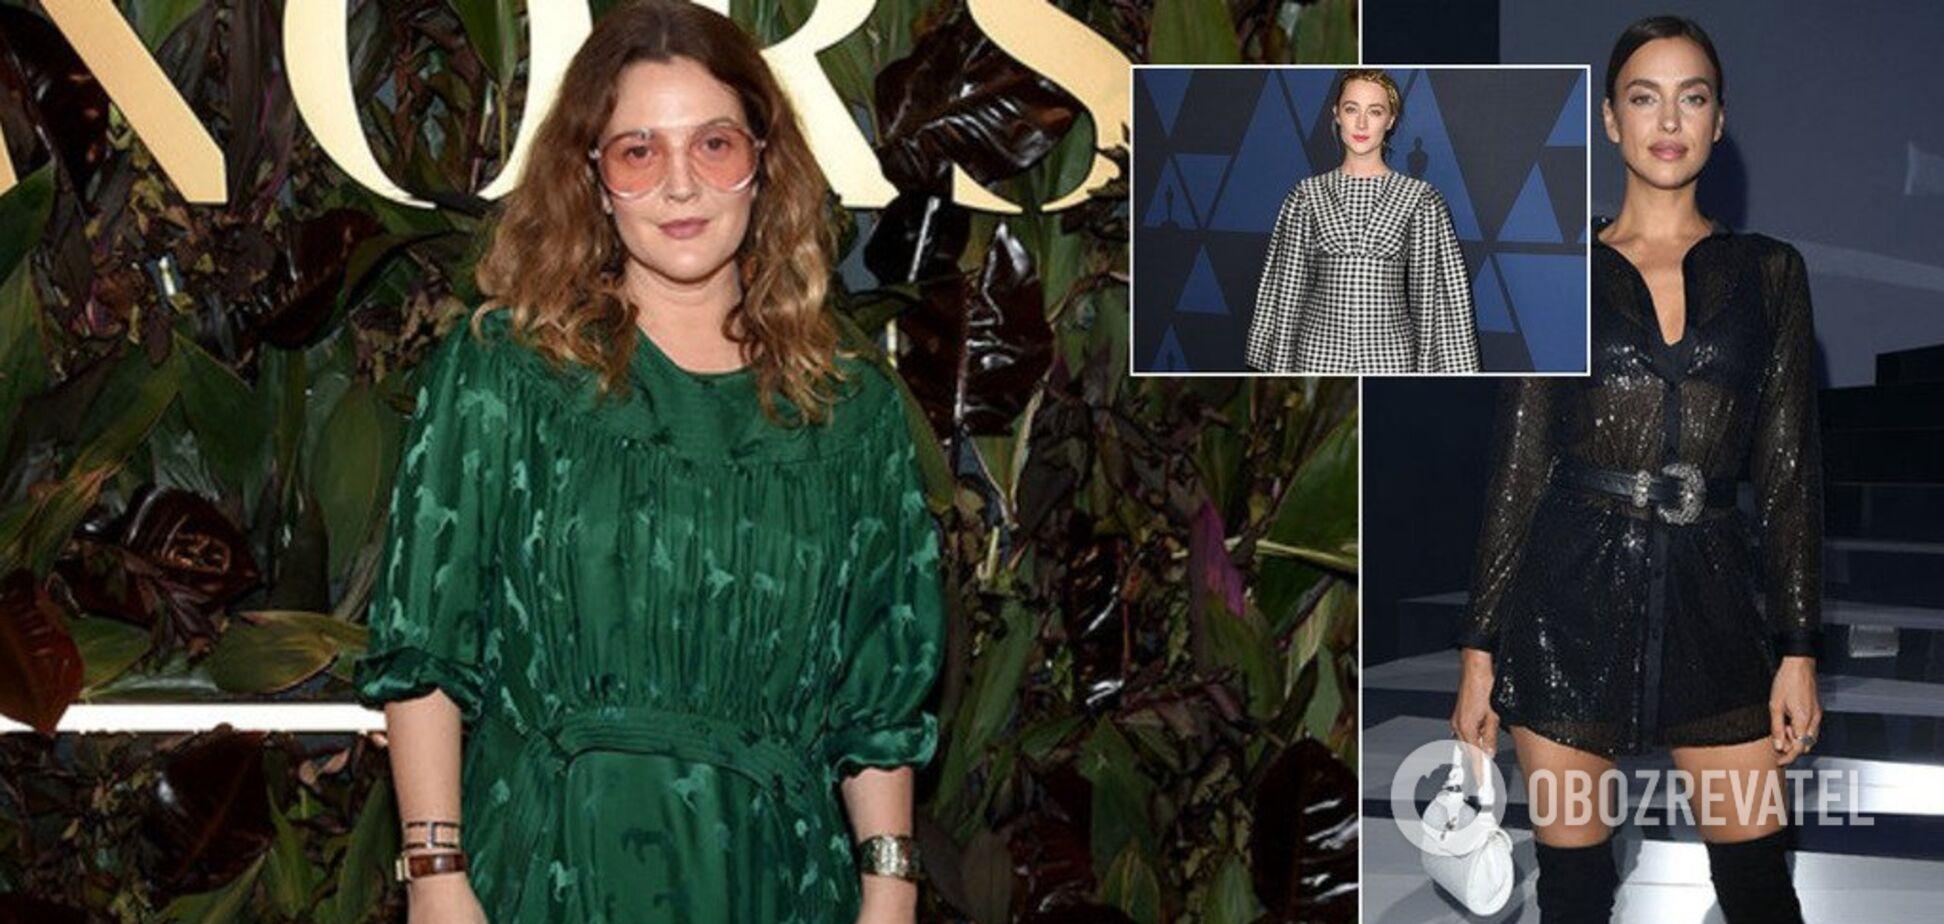 Вульгарна Шейк і Беррімор в пом'ятому платті: найгірше вбрання зірок на цьому тижні